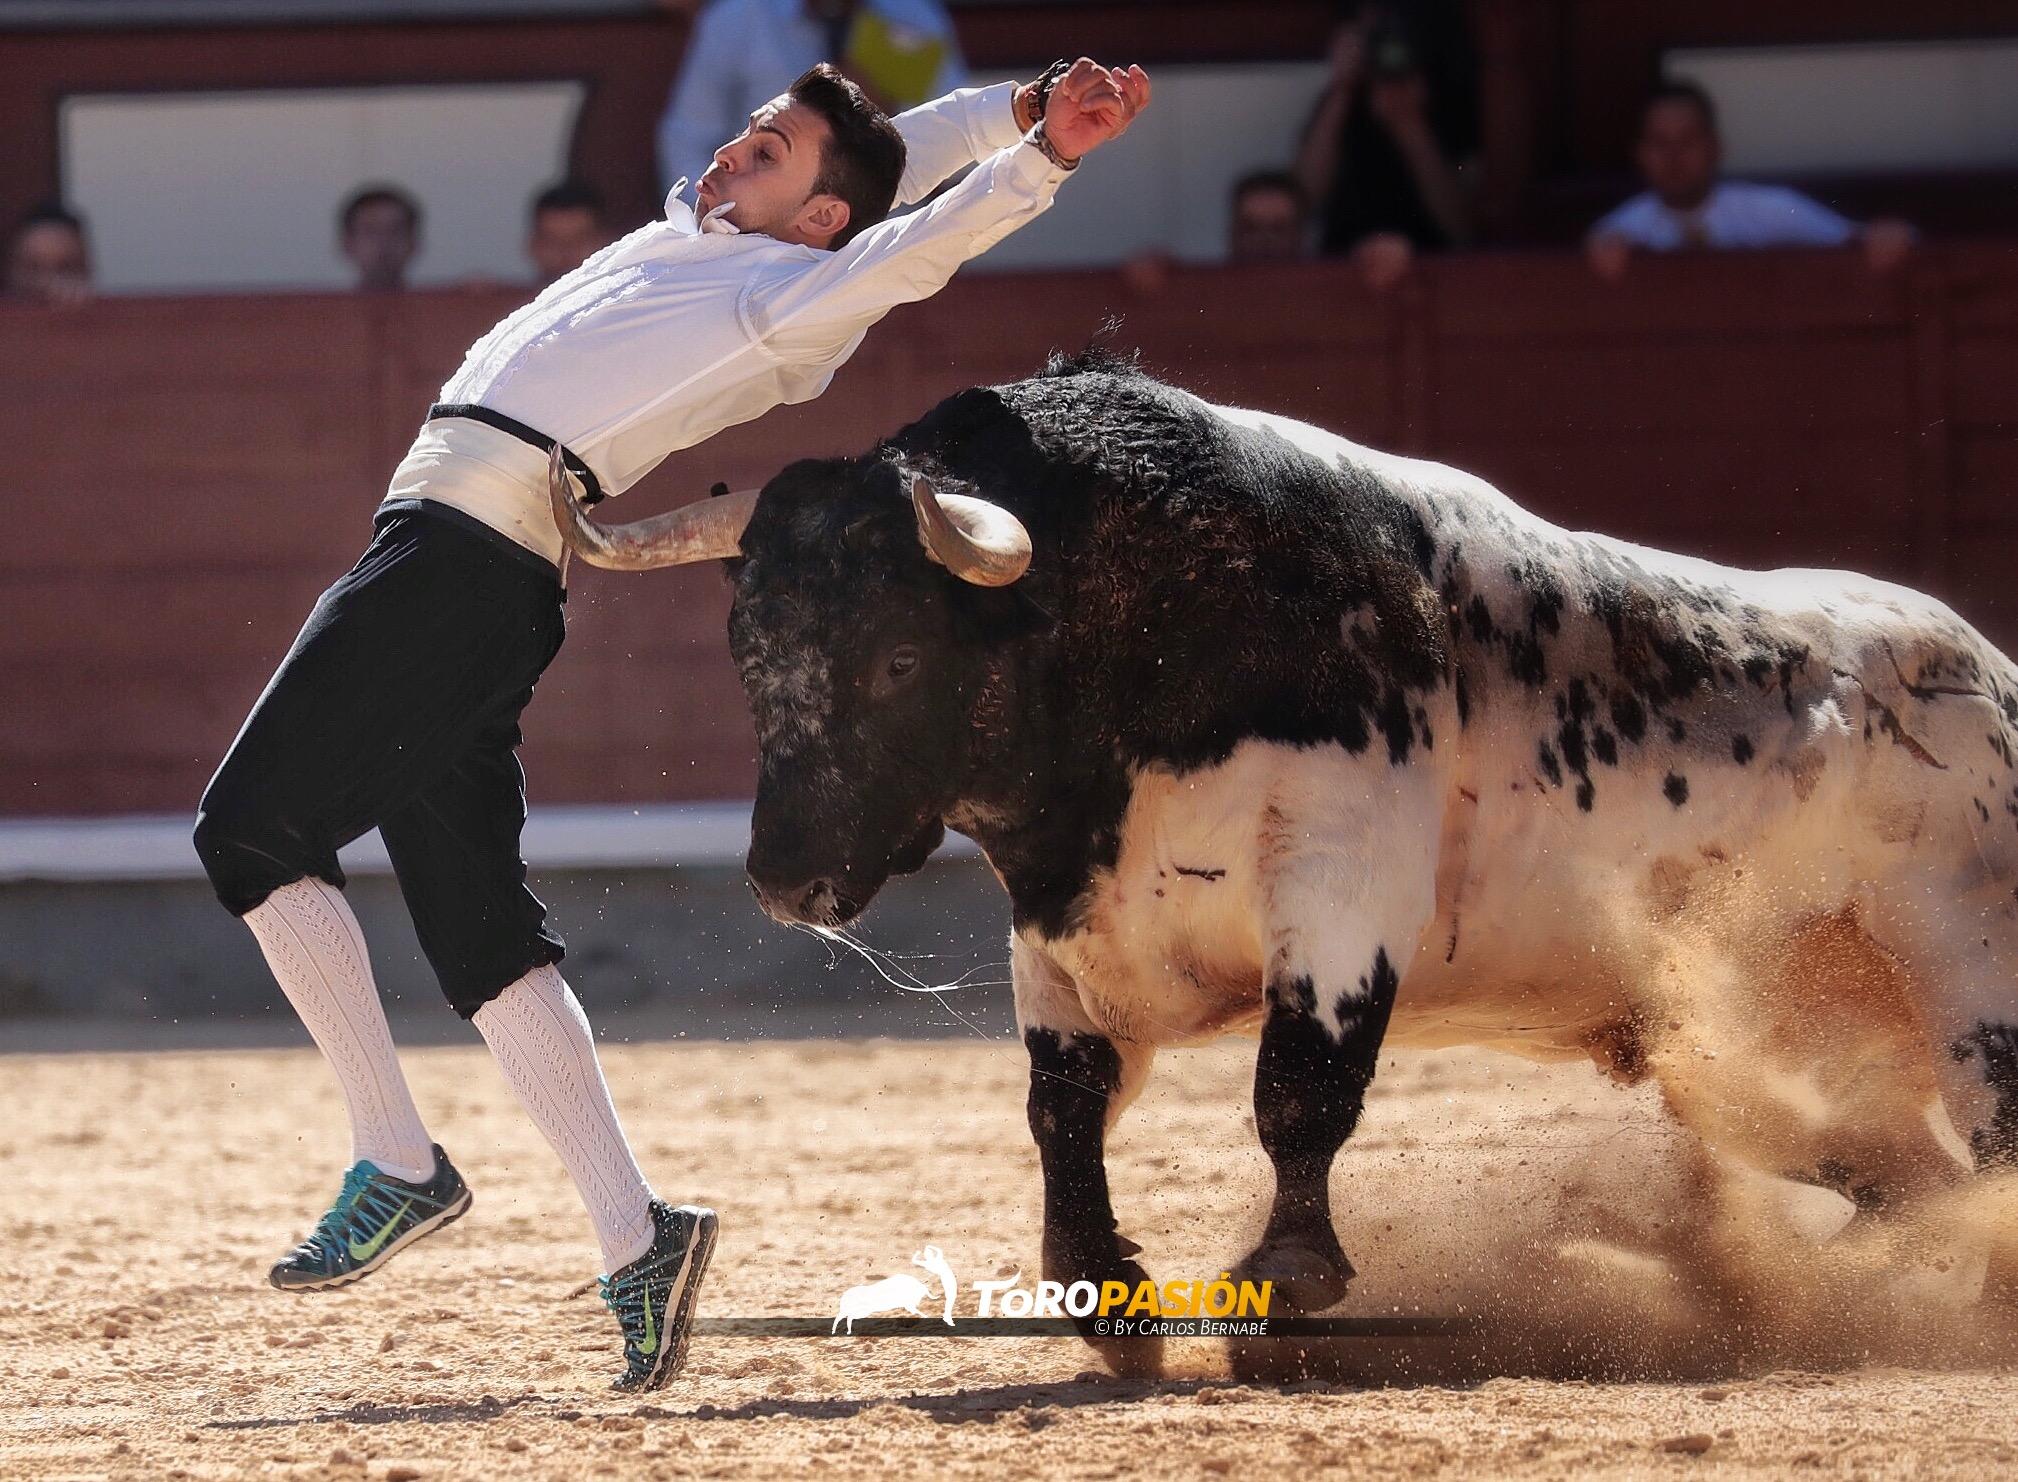 El madrileño Jonatan Estébanez 'Peta' ajustando al límite.